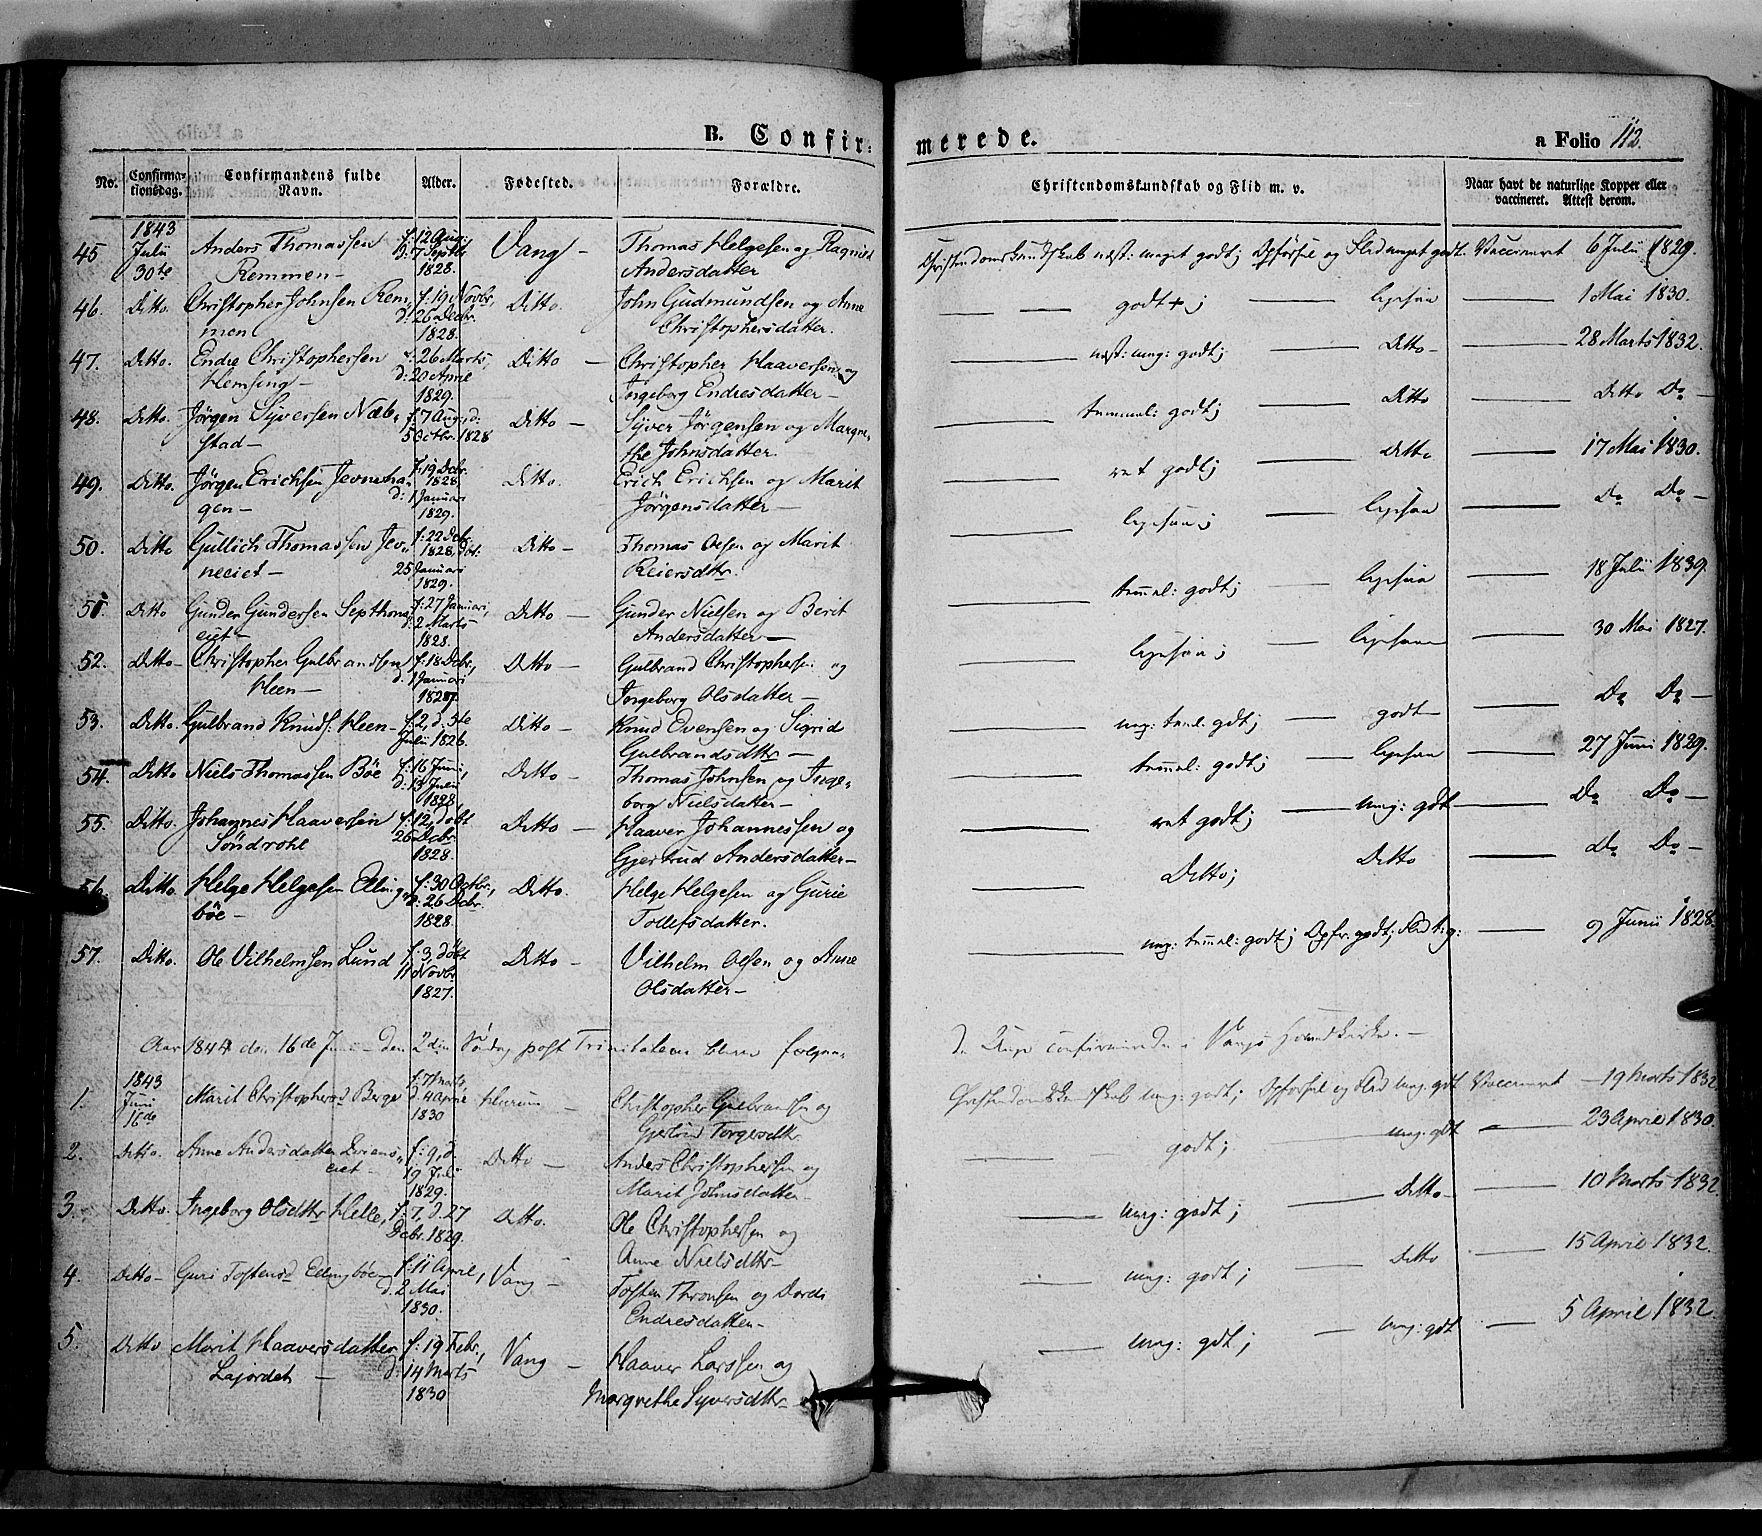 SAH, Vang prestekontor, Valdres, Ministerialbok nr. 5, 1831-1845, s. 112